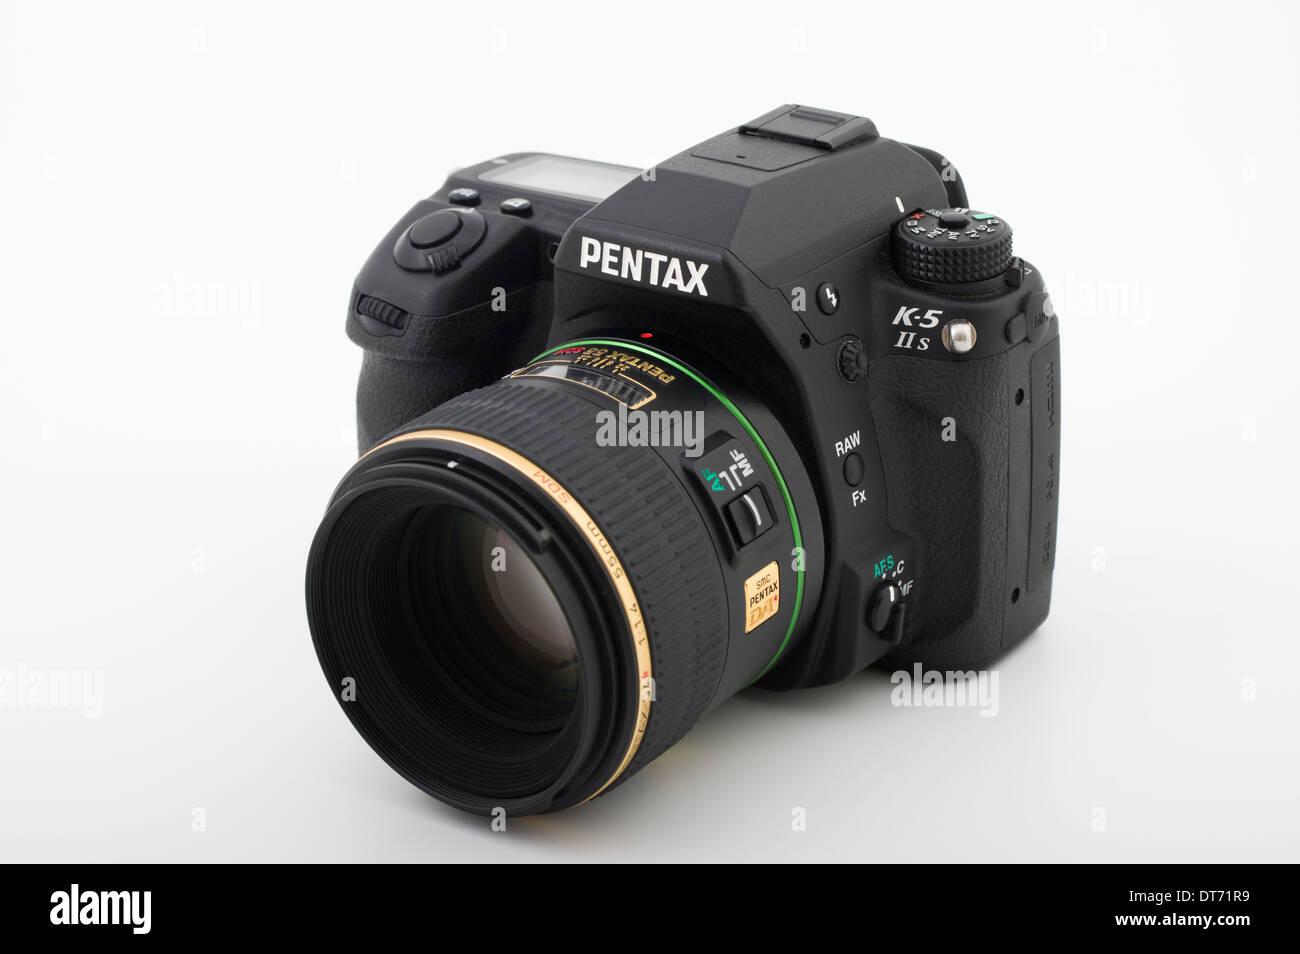 Pentax K-5 IIs fotocamera reflex digitale con 55mm 1.4 lente primaria Immagini Stock